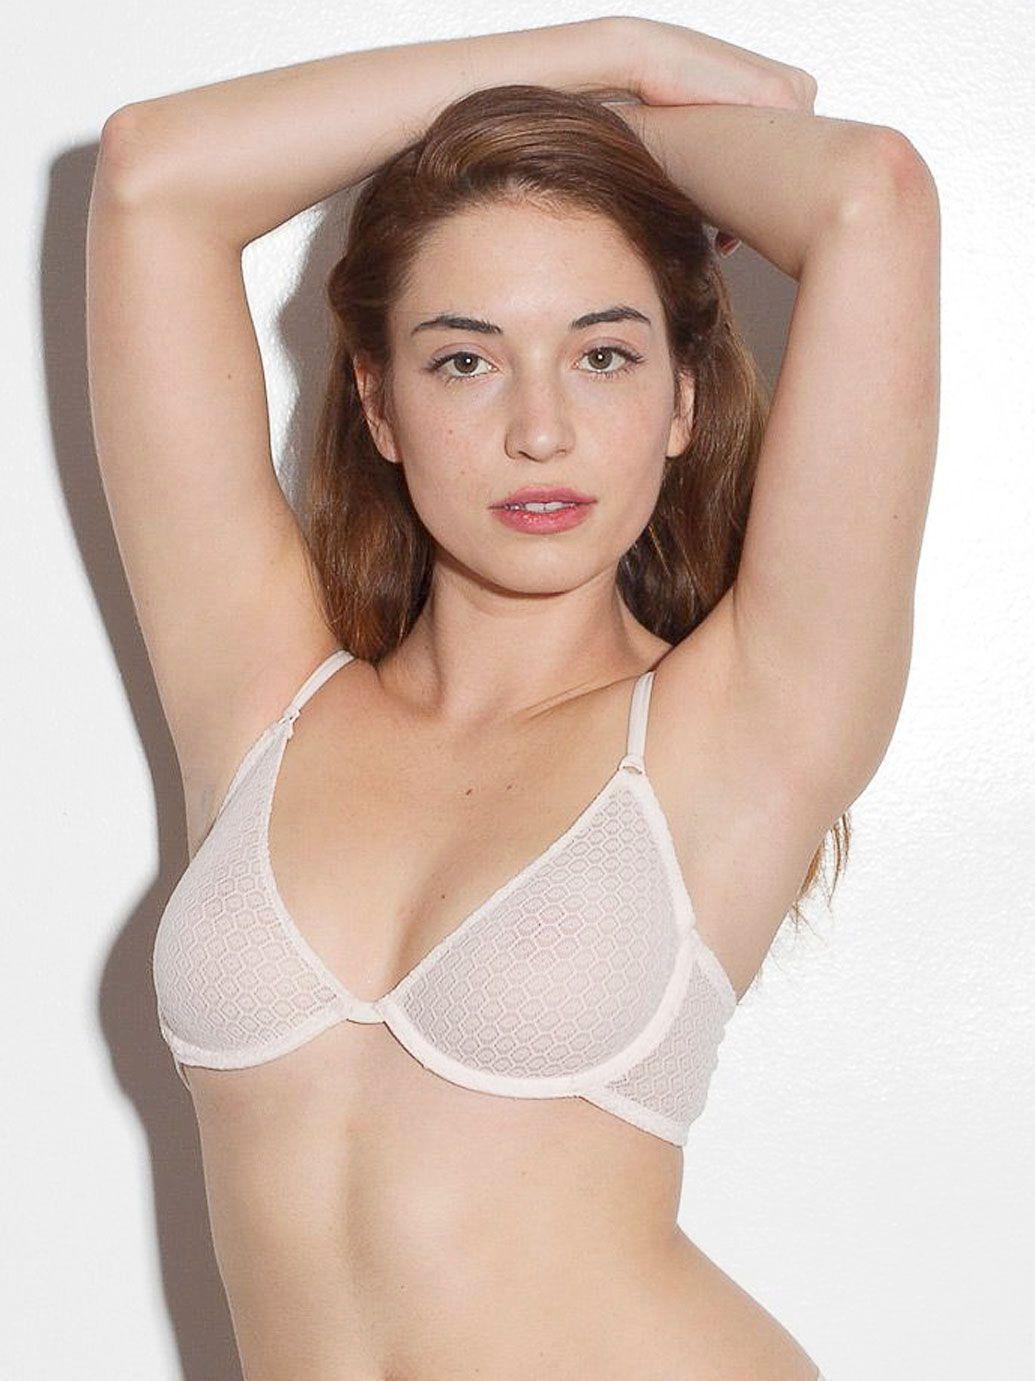 Amature Nipple Slip Pics